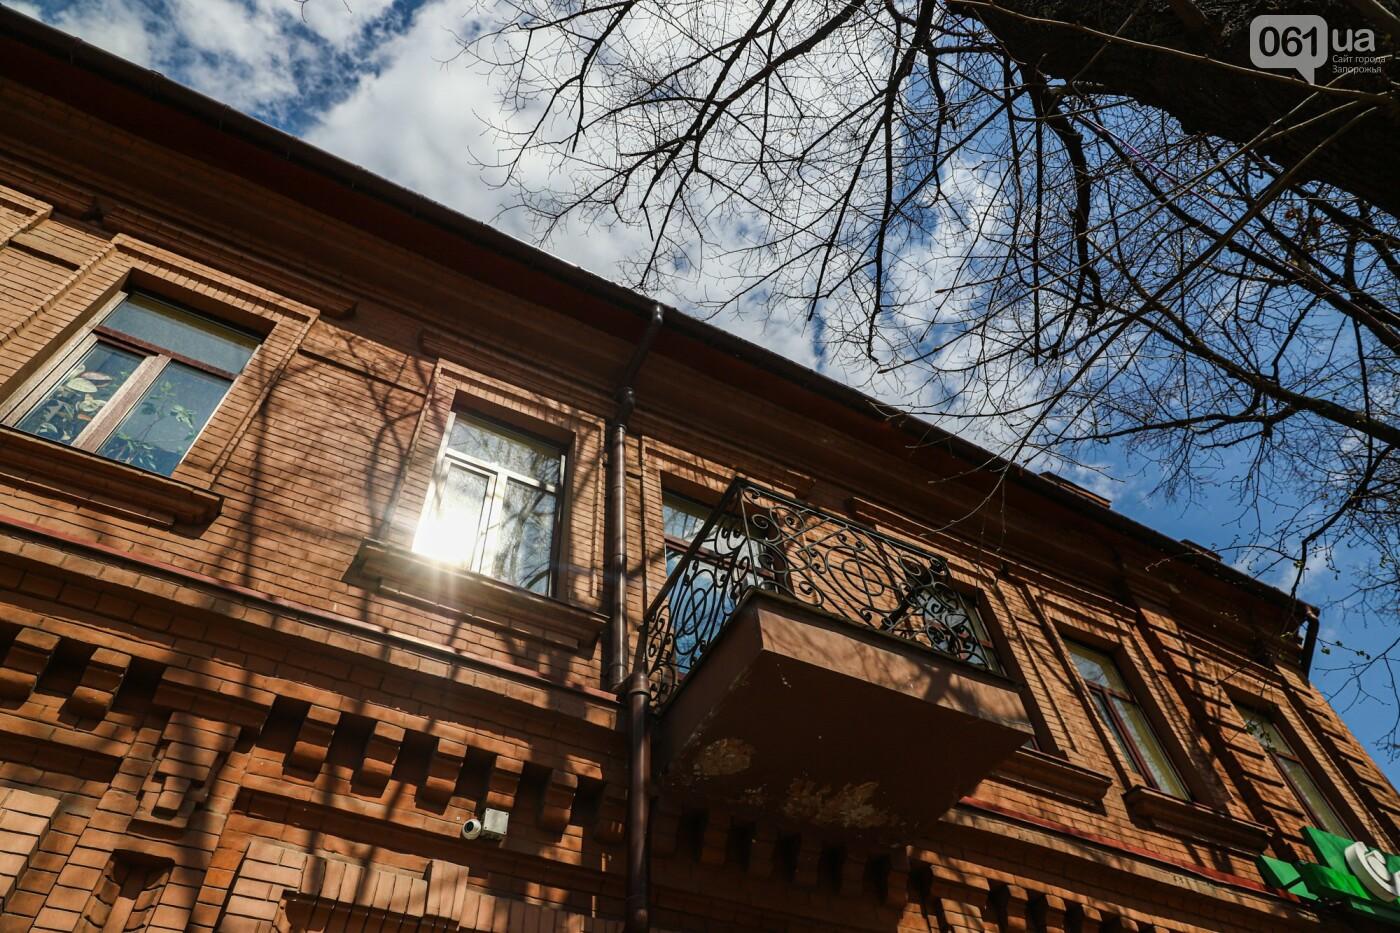 Памятники Старого Александровска: как сейчас выглядит доходный дом Регирера, - ФОТО, фото-12